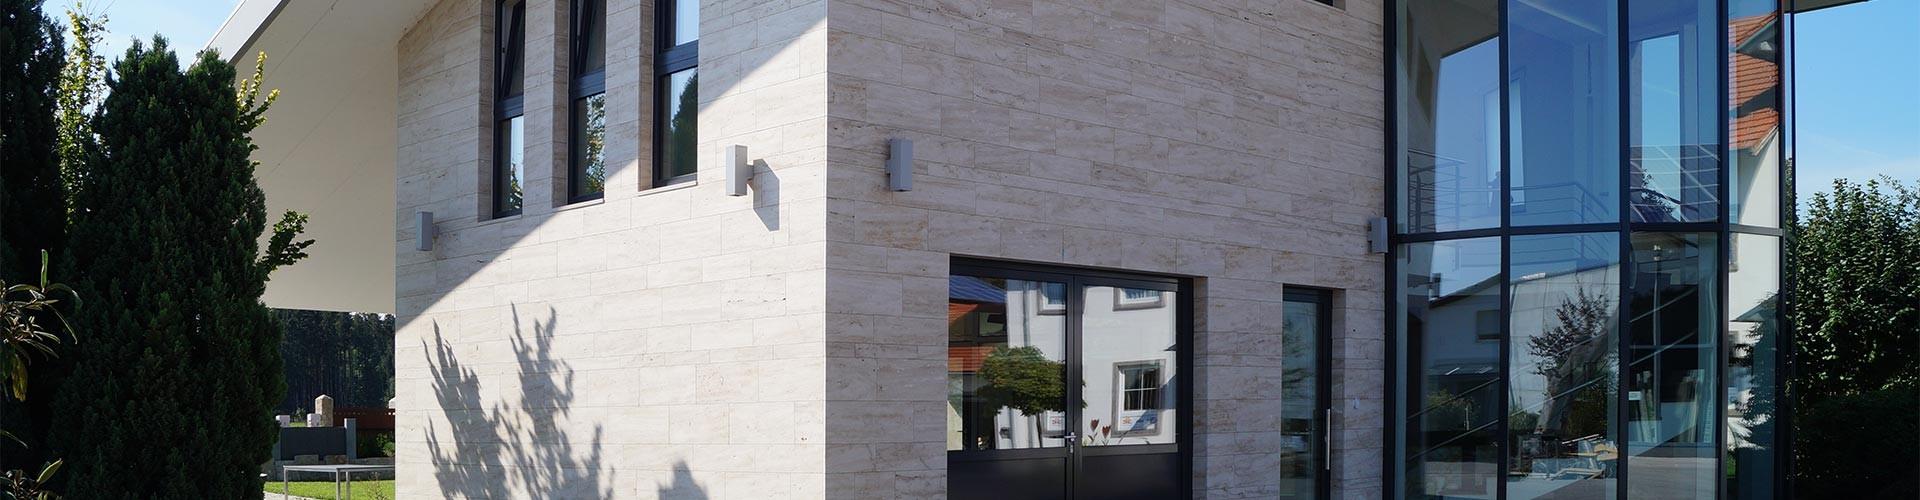 Hausfassade aus Stein